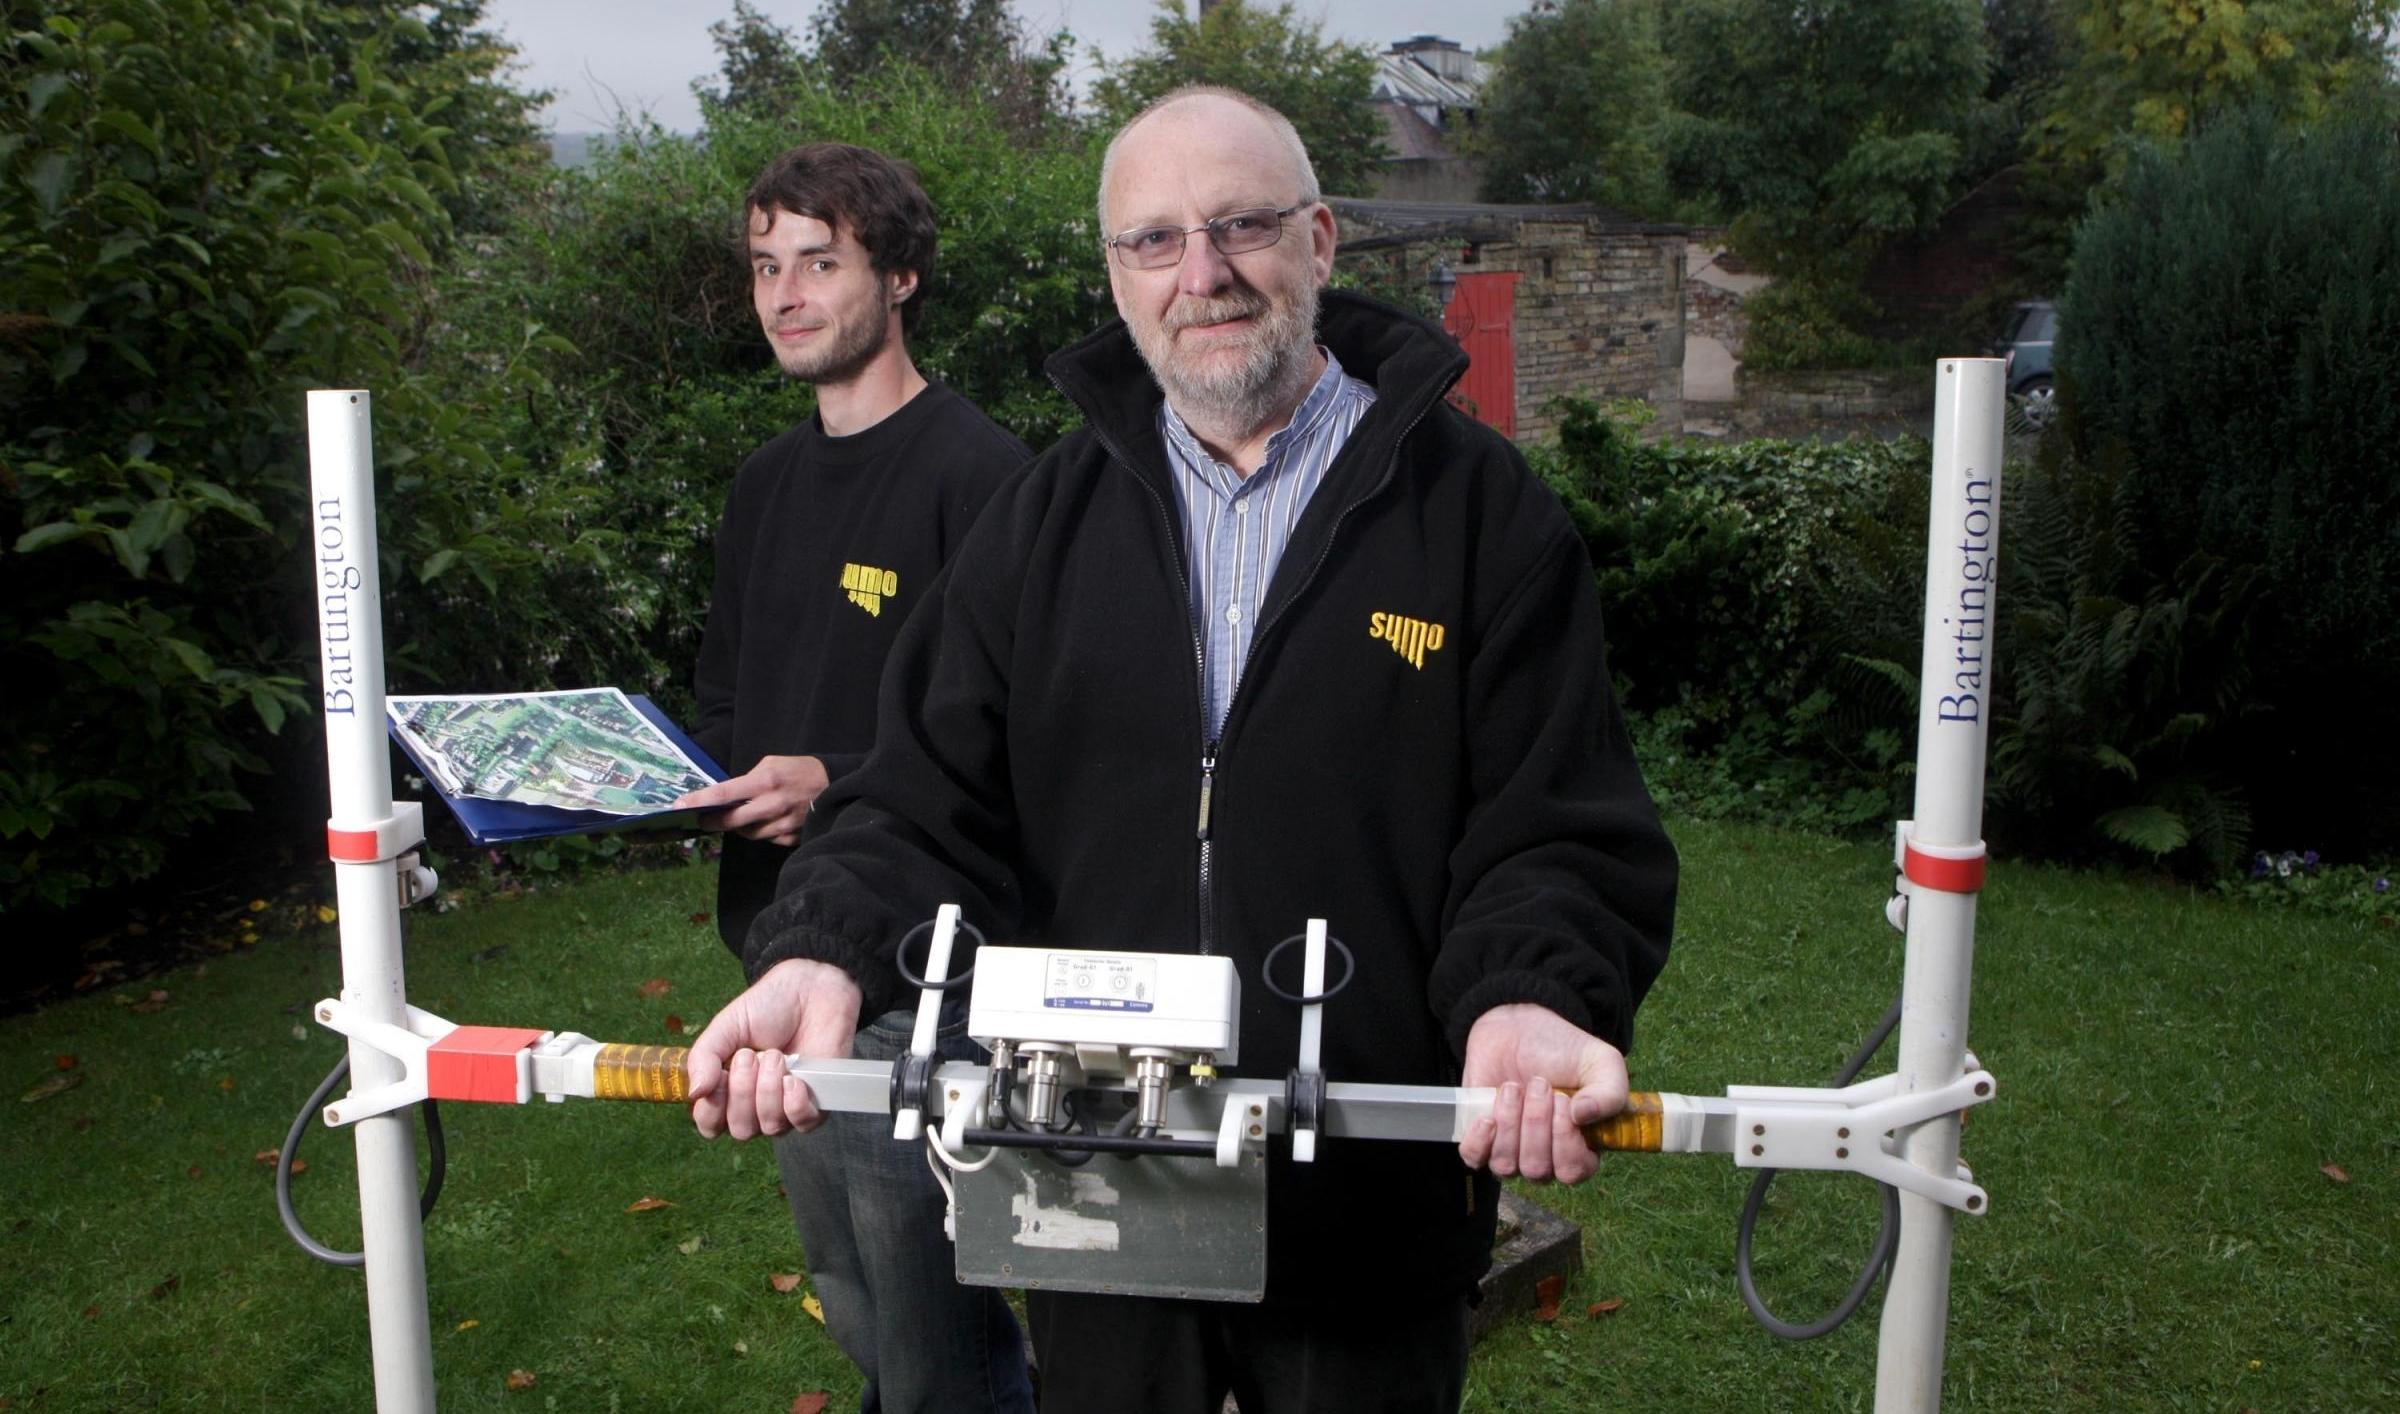 SUMO Geophysics Director Dr John Gater holding a geophysical magnetometer.